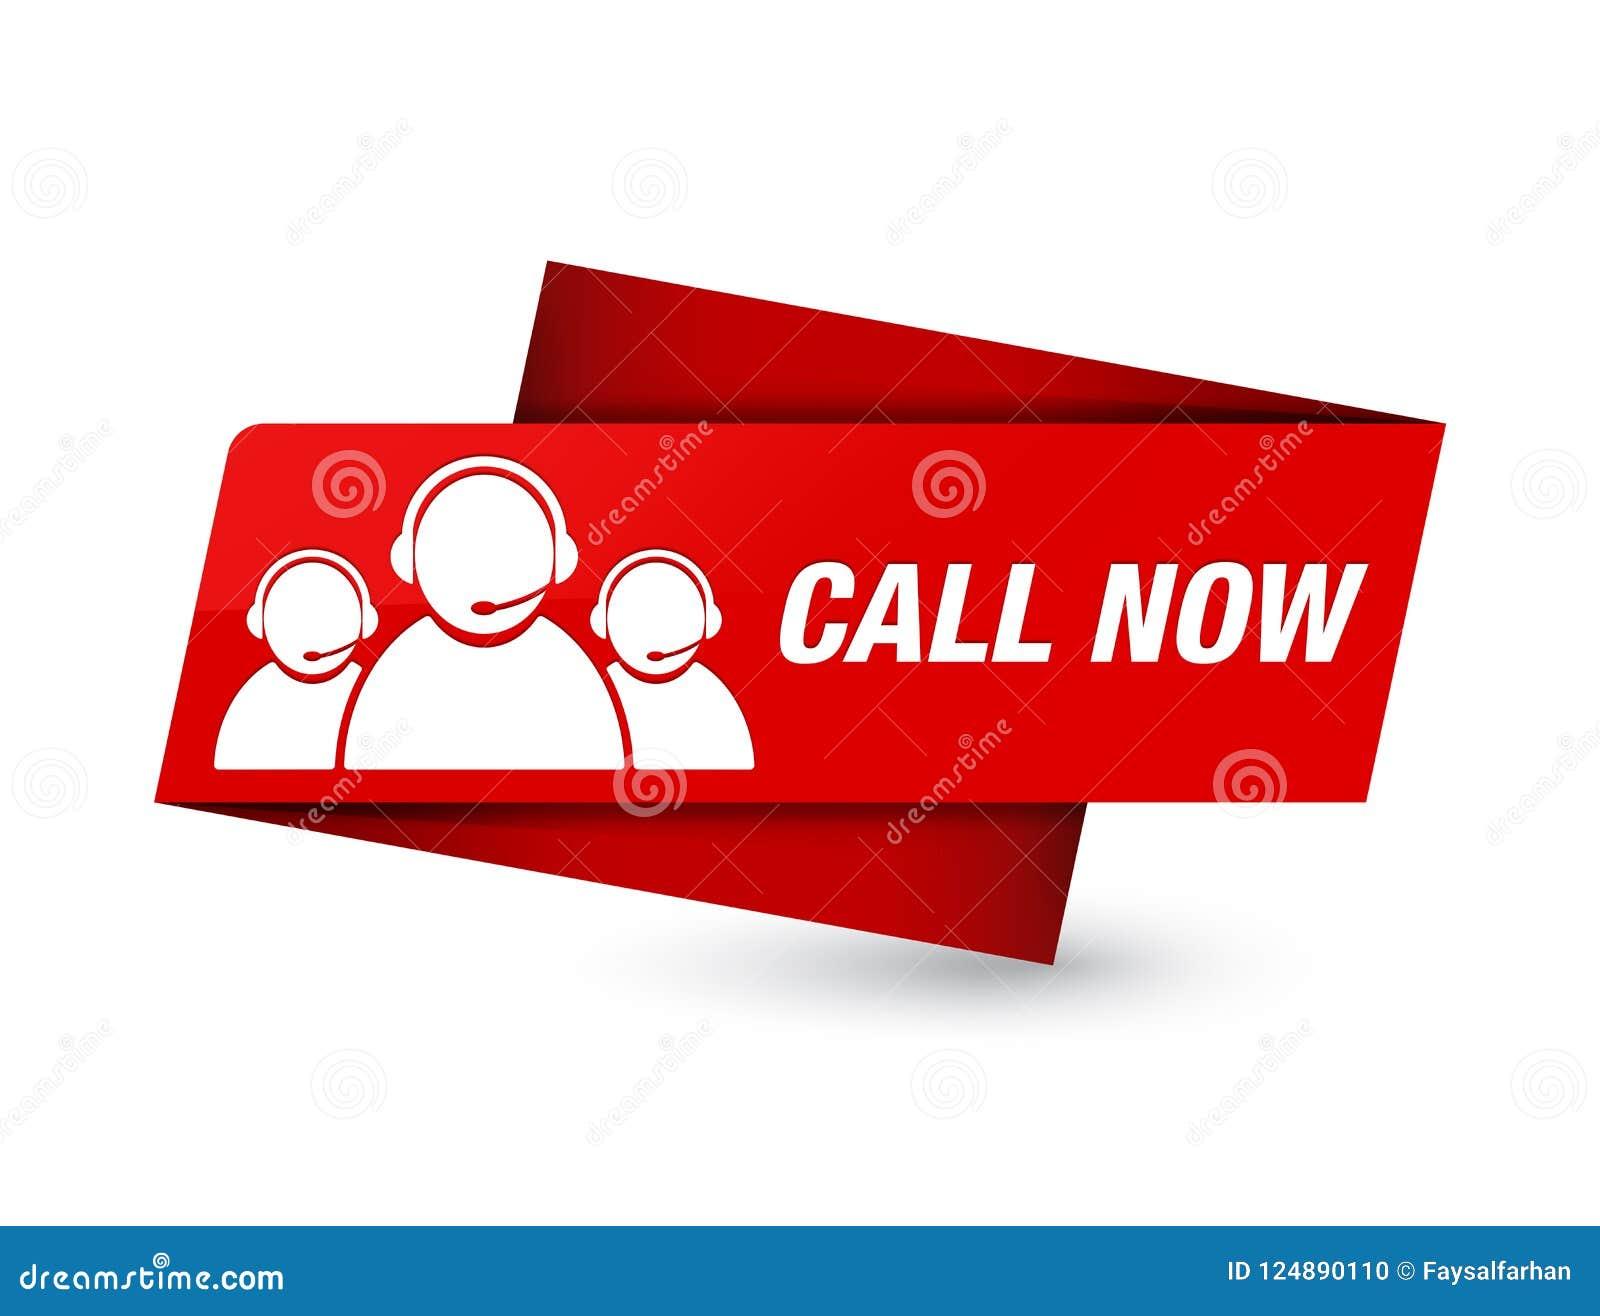 Κόκκινο σημάδι ετικεττών ασφαλίστρου κλήσης τώρα (εικονίδιο ομάδων προσοχής πελατών)